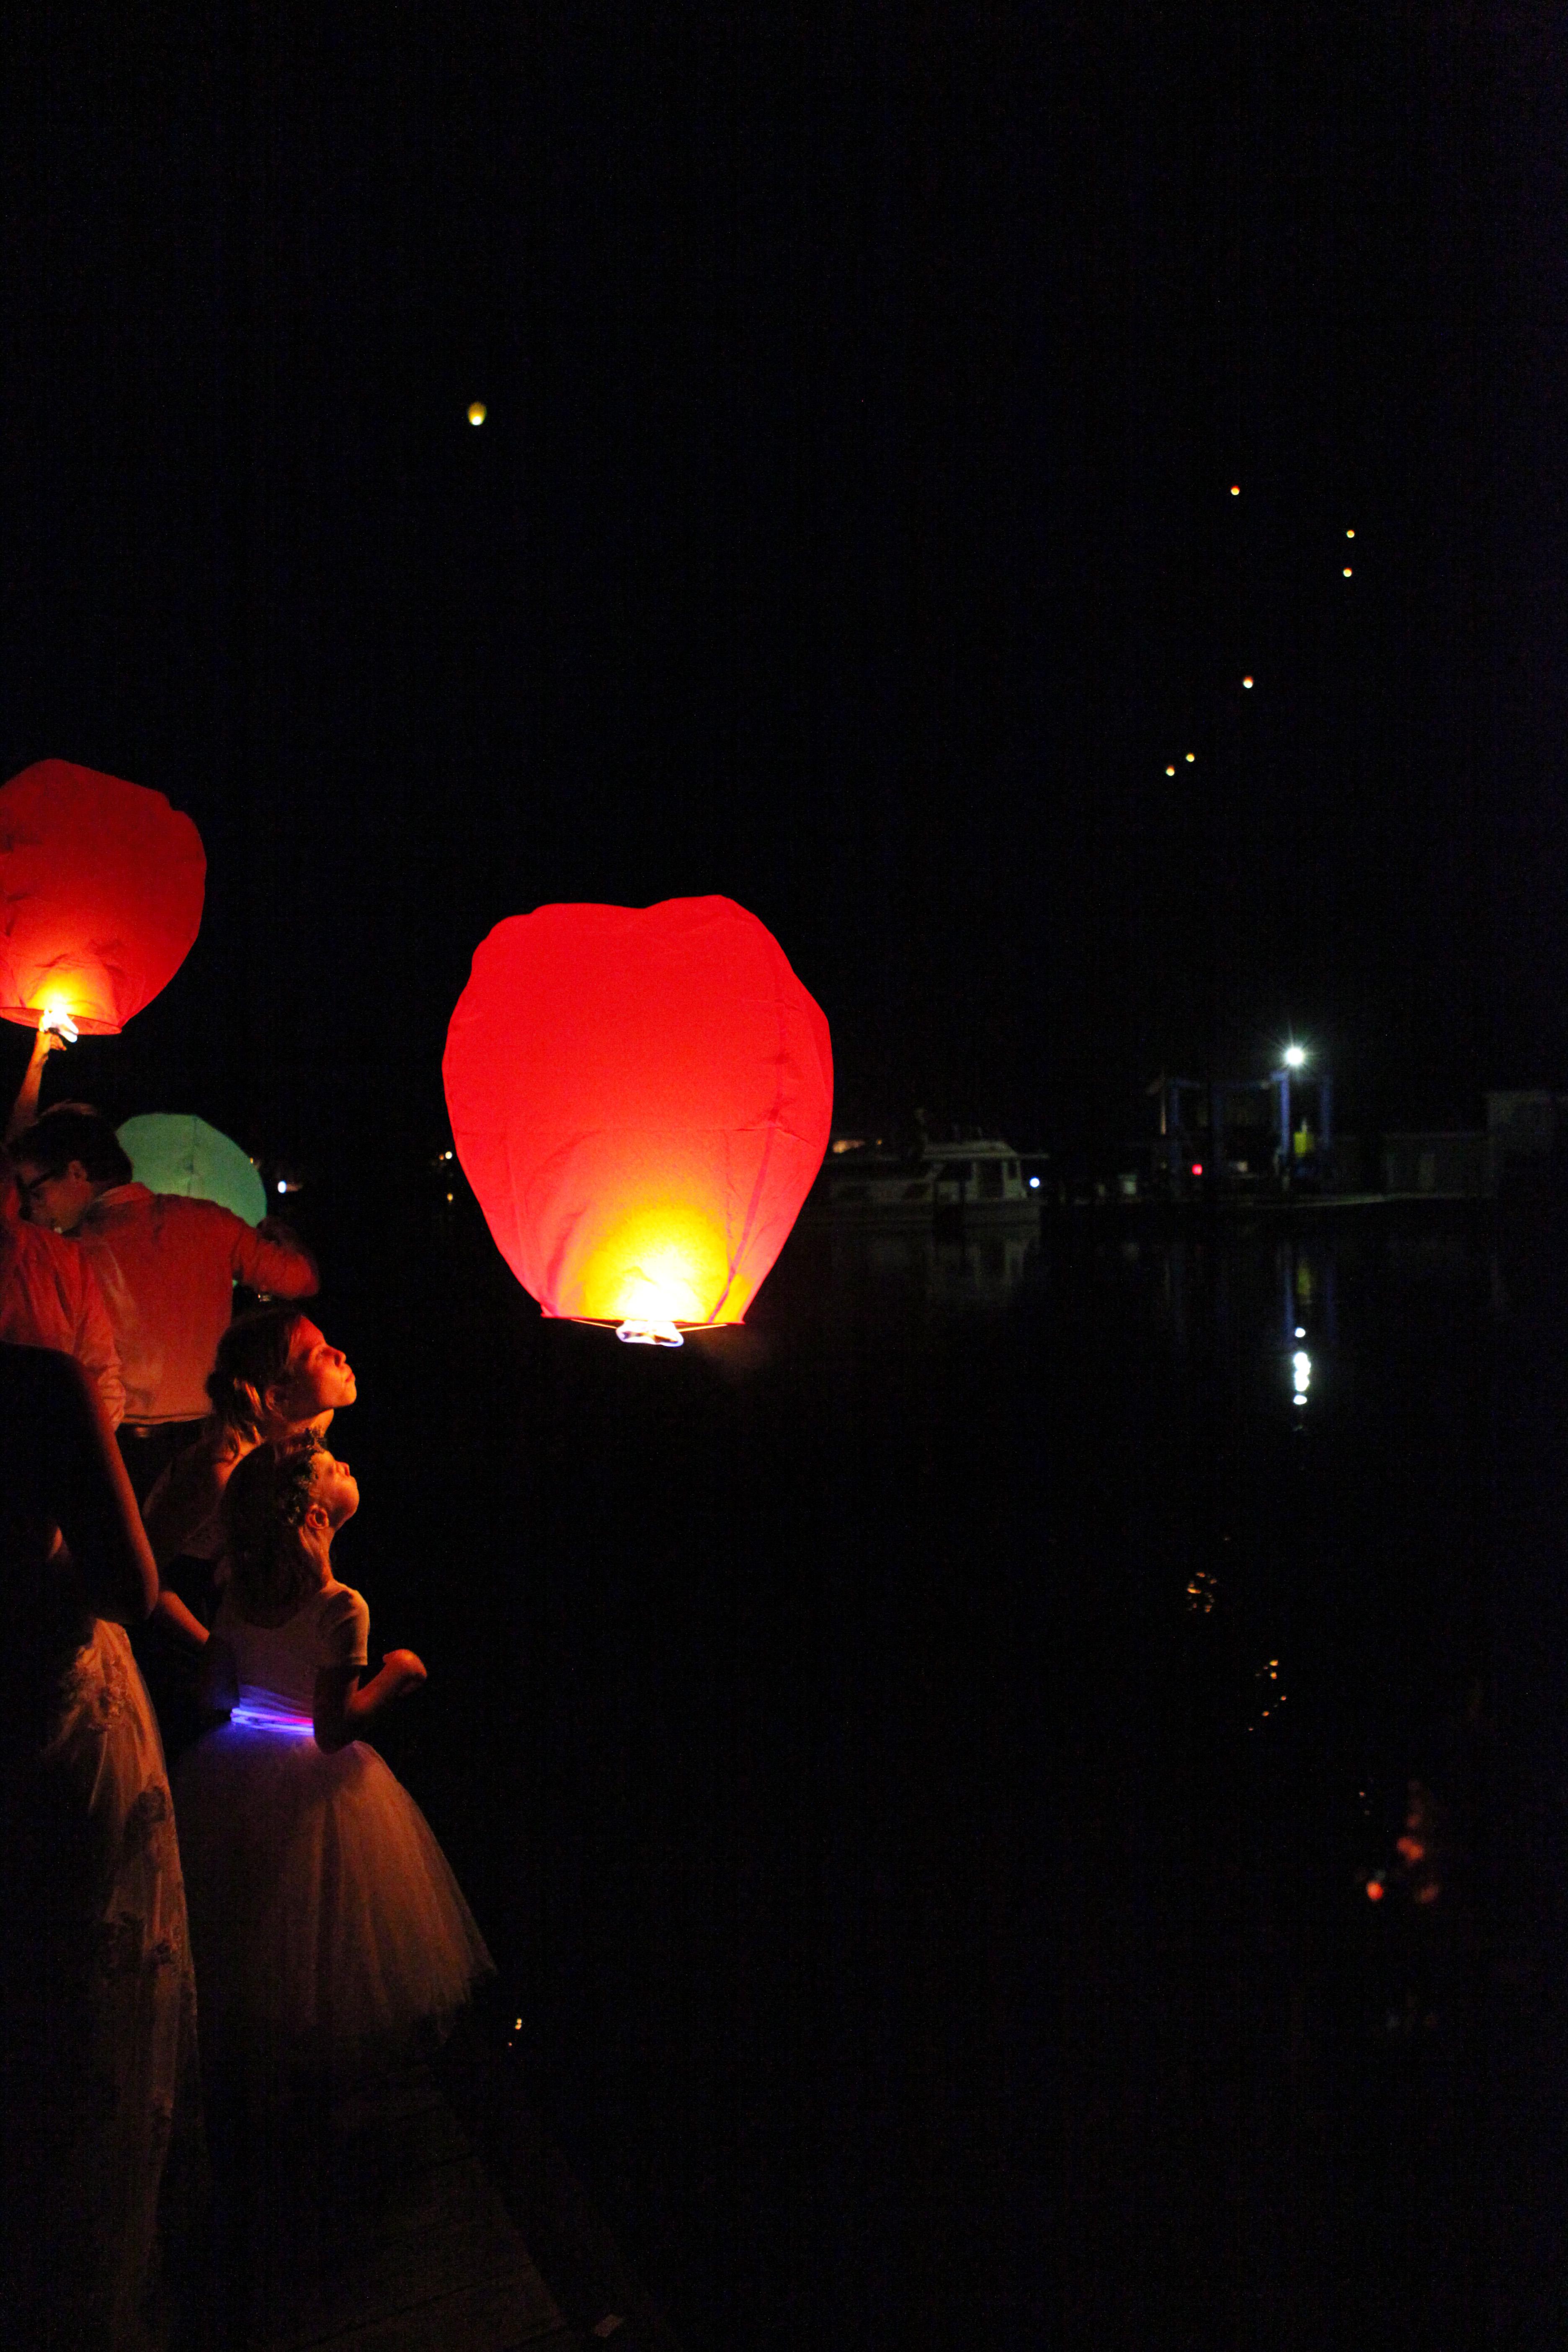 releasing lanterns at a wedding